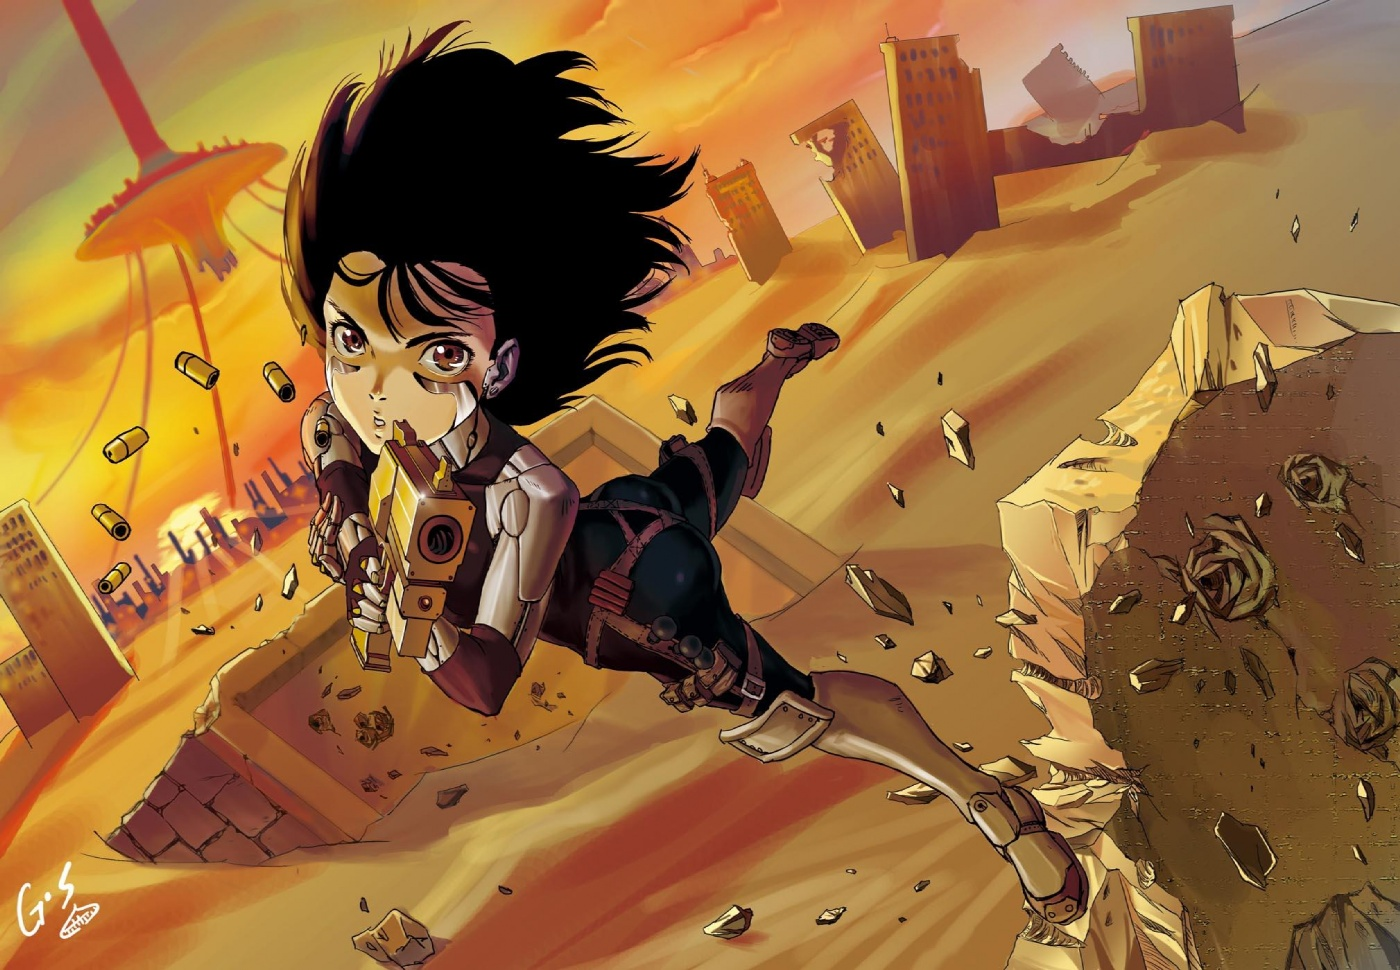 Battle Angel Alita Wallpaper 262897  Zerochan Anime Image Board